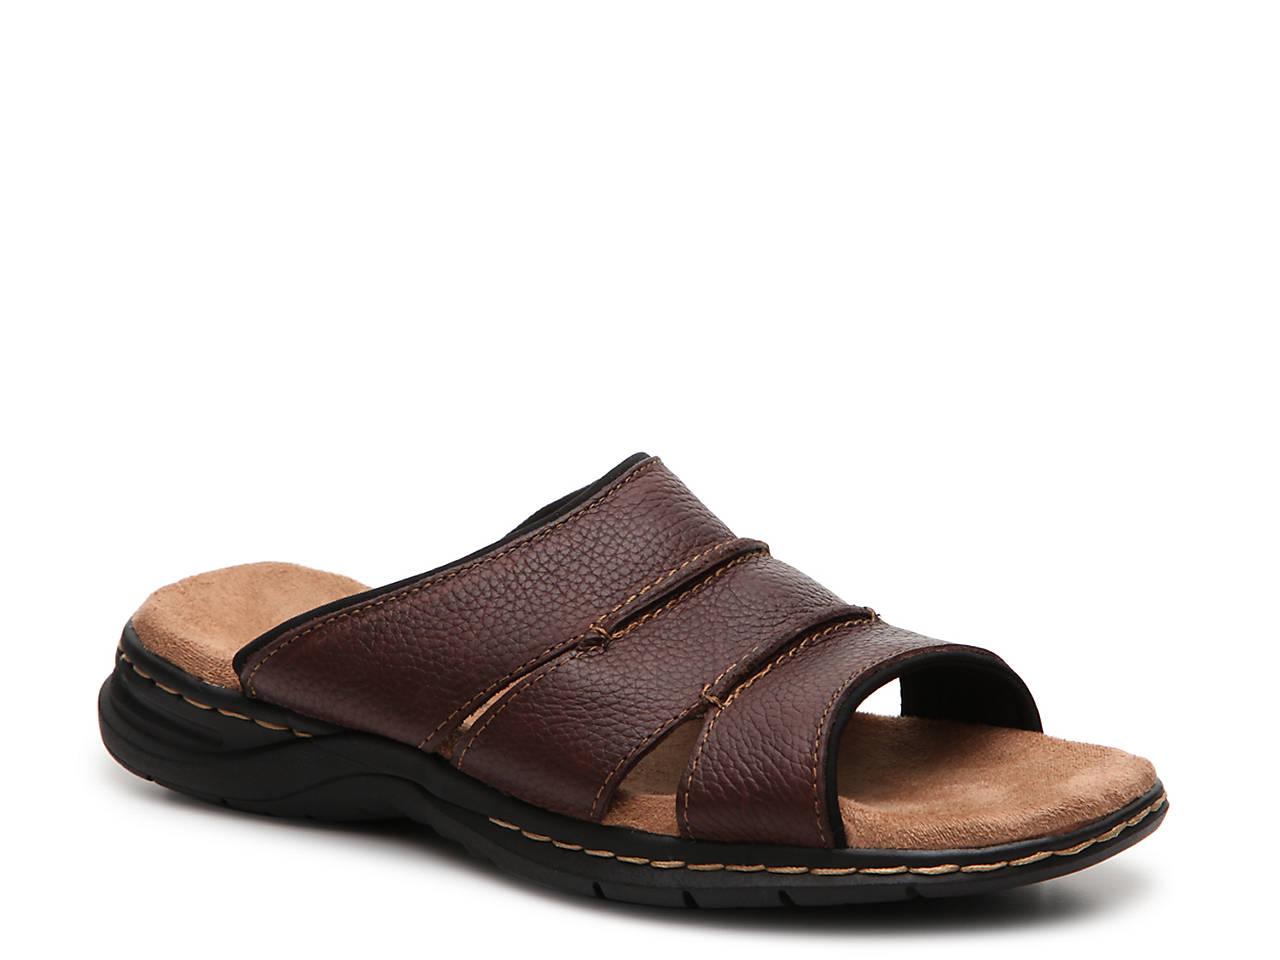 befe6d351ac Dr. Scholl s Gordon Slide Sandal Men s Shoes